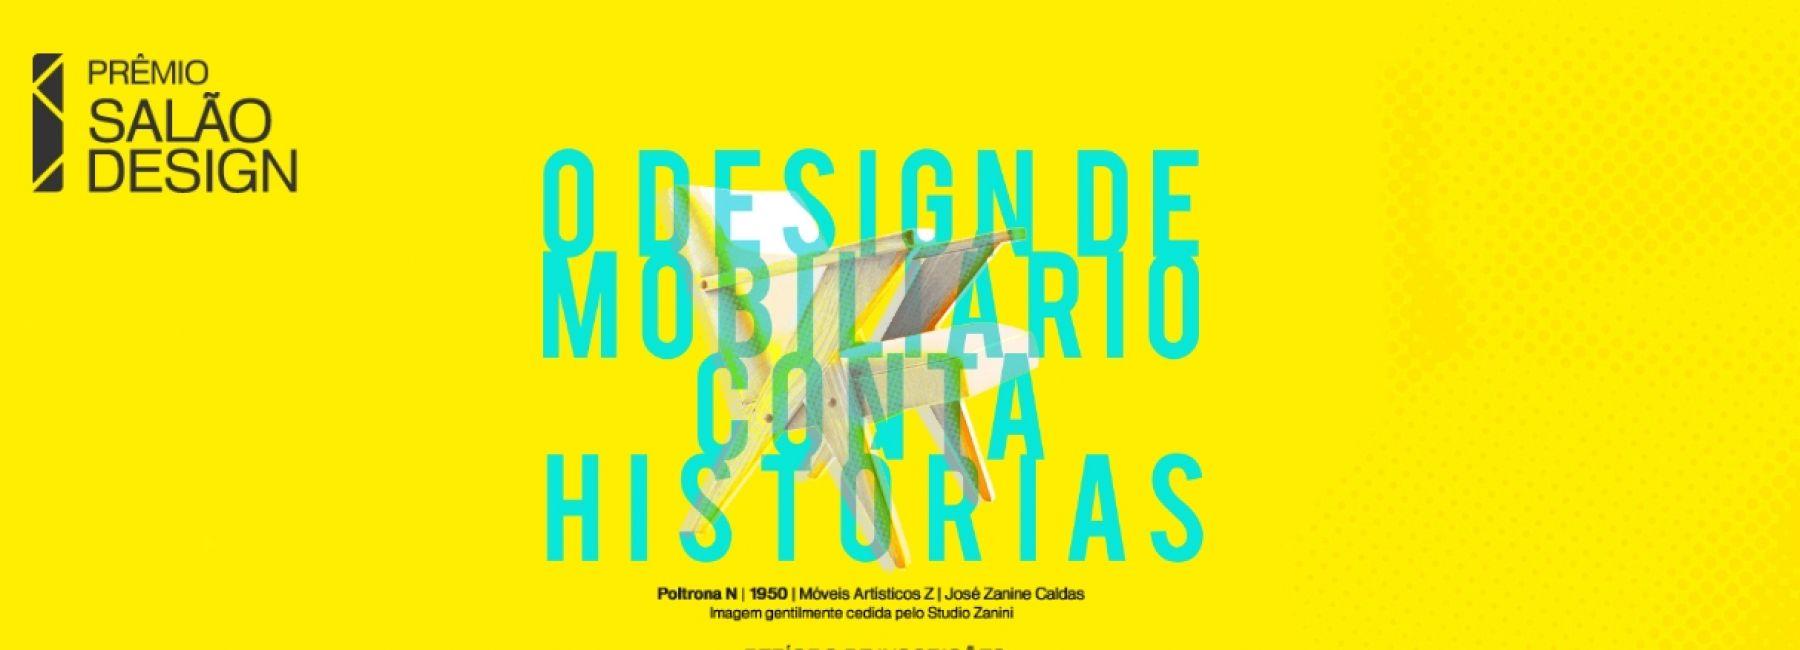 Prêmio Salão Design 2020 tem 827 inscritos